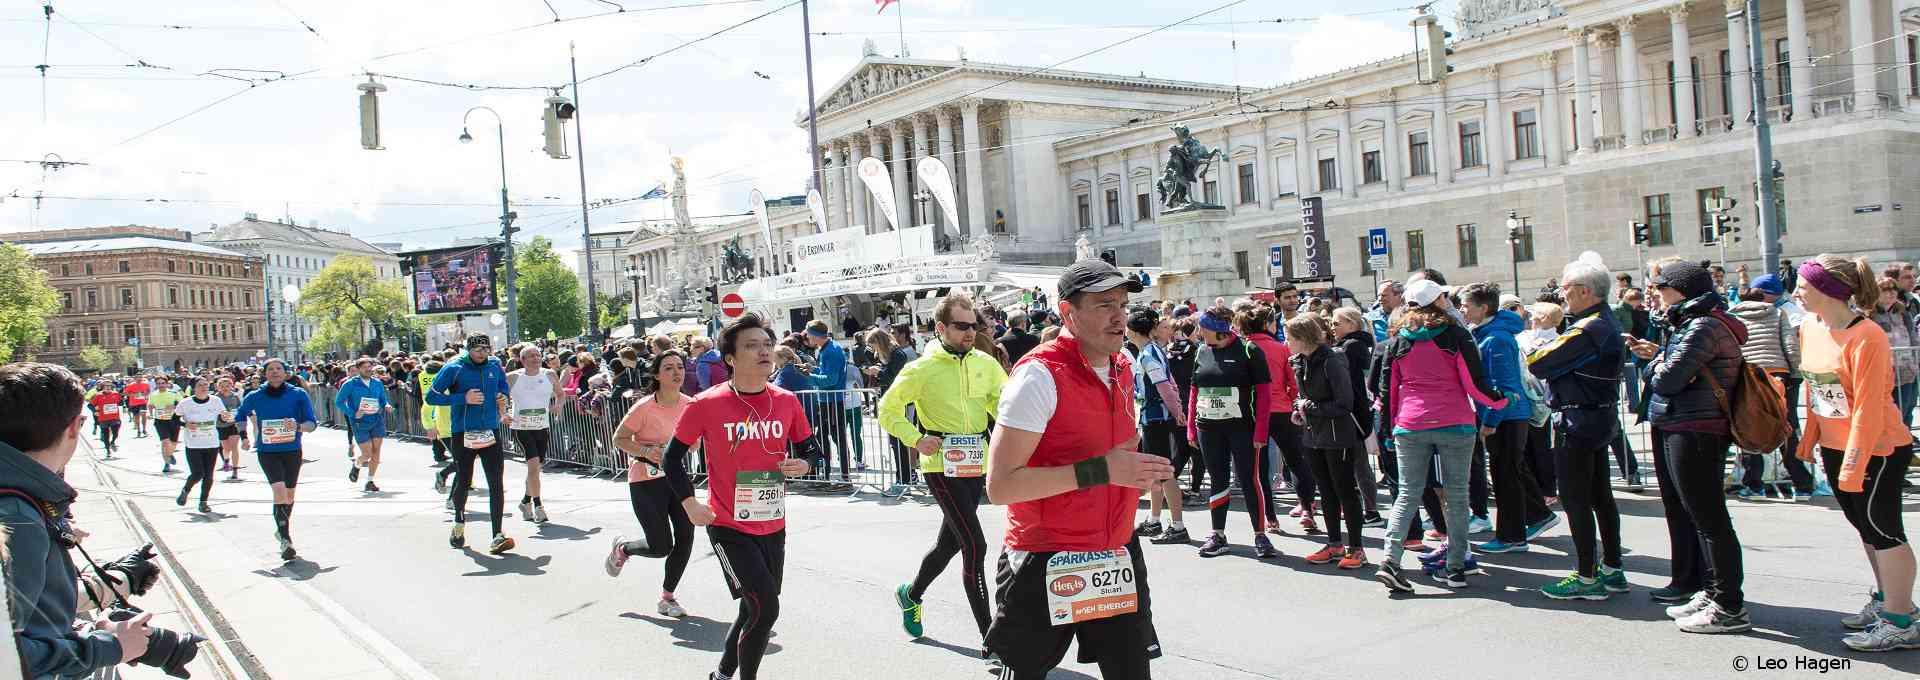 Am Vienna City Marathon treten jedes Jahr rund 40.000 LäuferInnen an. © Leo Hagen